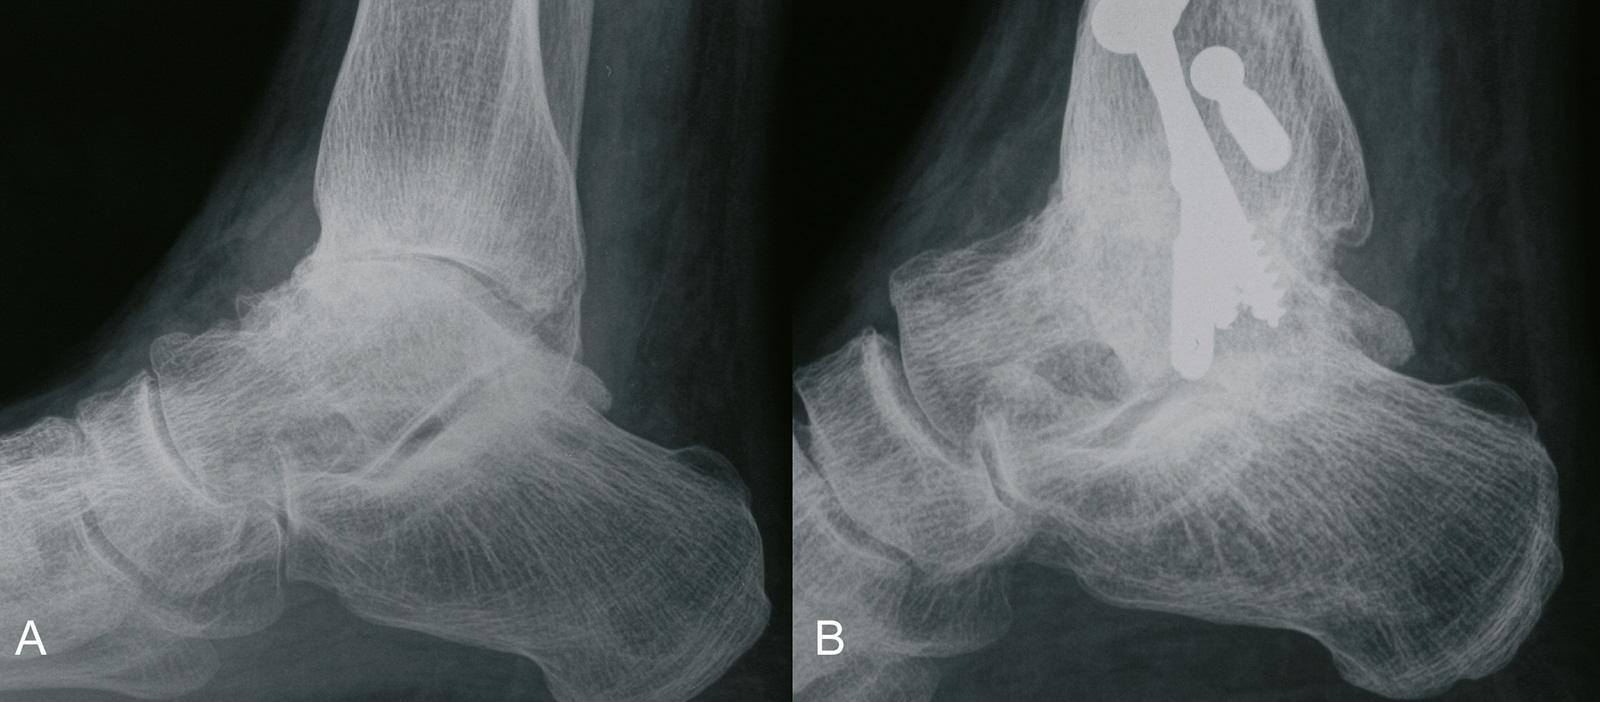 Abb. 1-49: Arthrose des oberen Sprunggelenks (A), 6 Jahre nach oberer Sprunggelenksarthrodese: zunehmende Arthrose der angrenzenden Fußgelenke (B) (Eigentum des Instituts für Klinische Radiologie der Universität Münster)